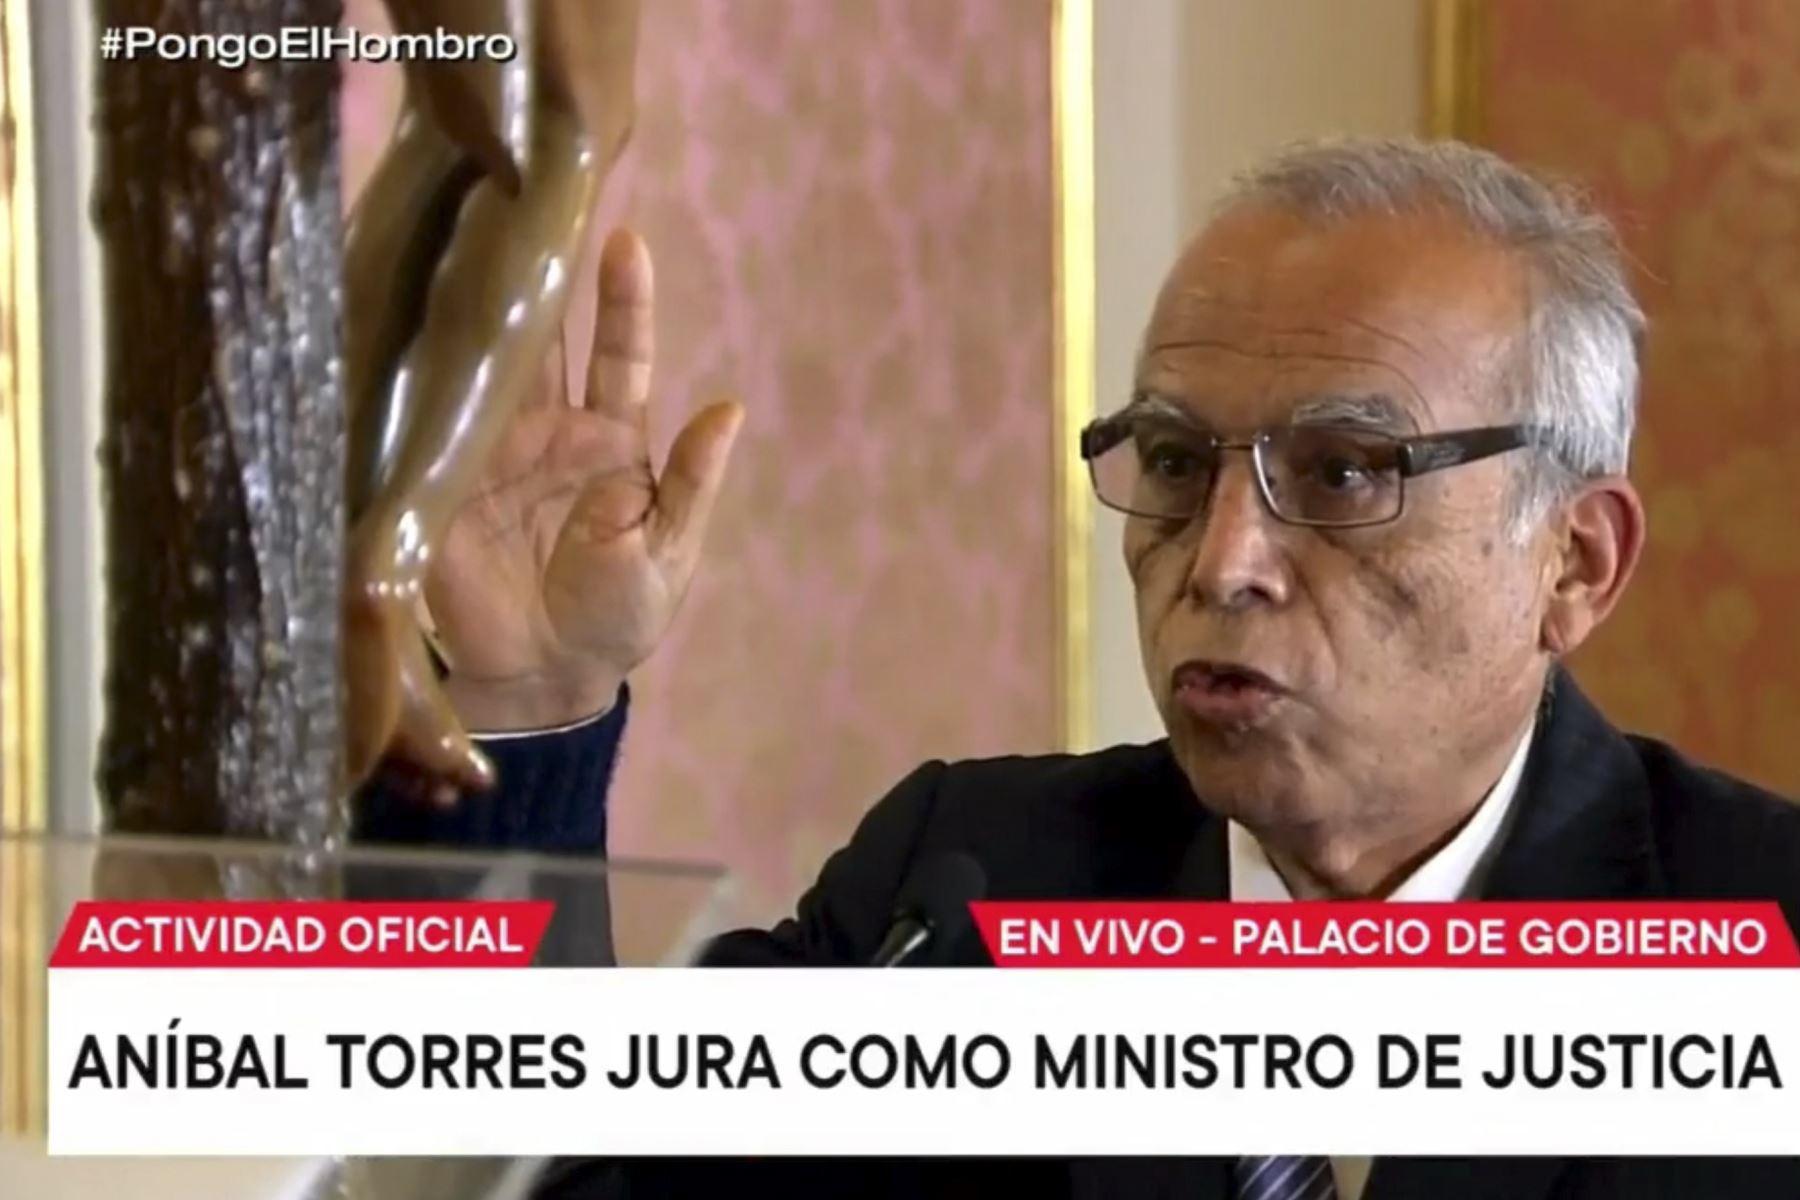 Aníbal Torres es ratificado como ministro de Justicia y Derechos Humanos